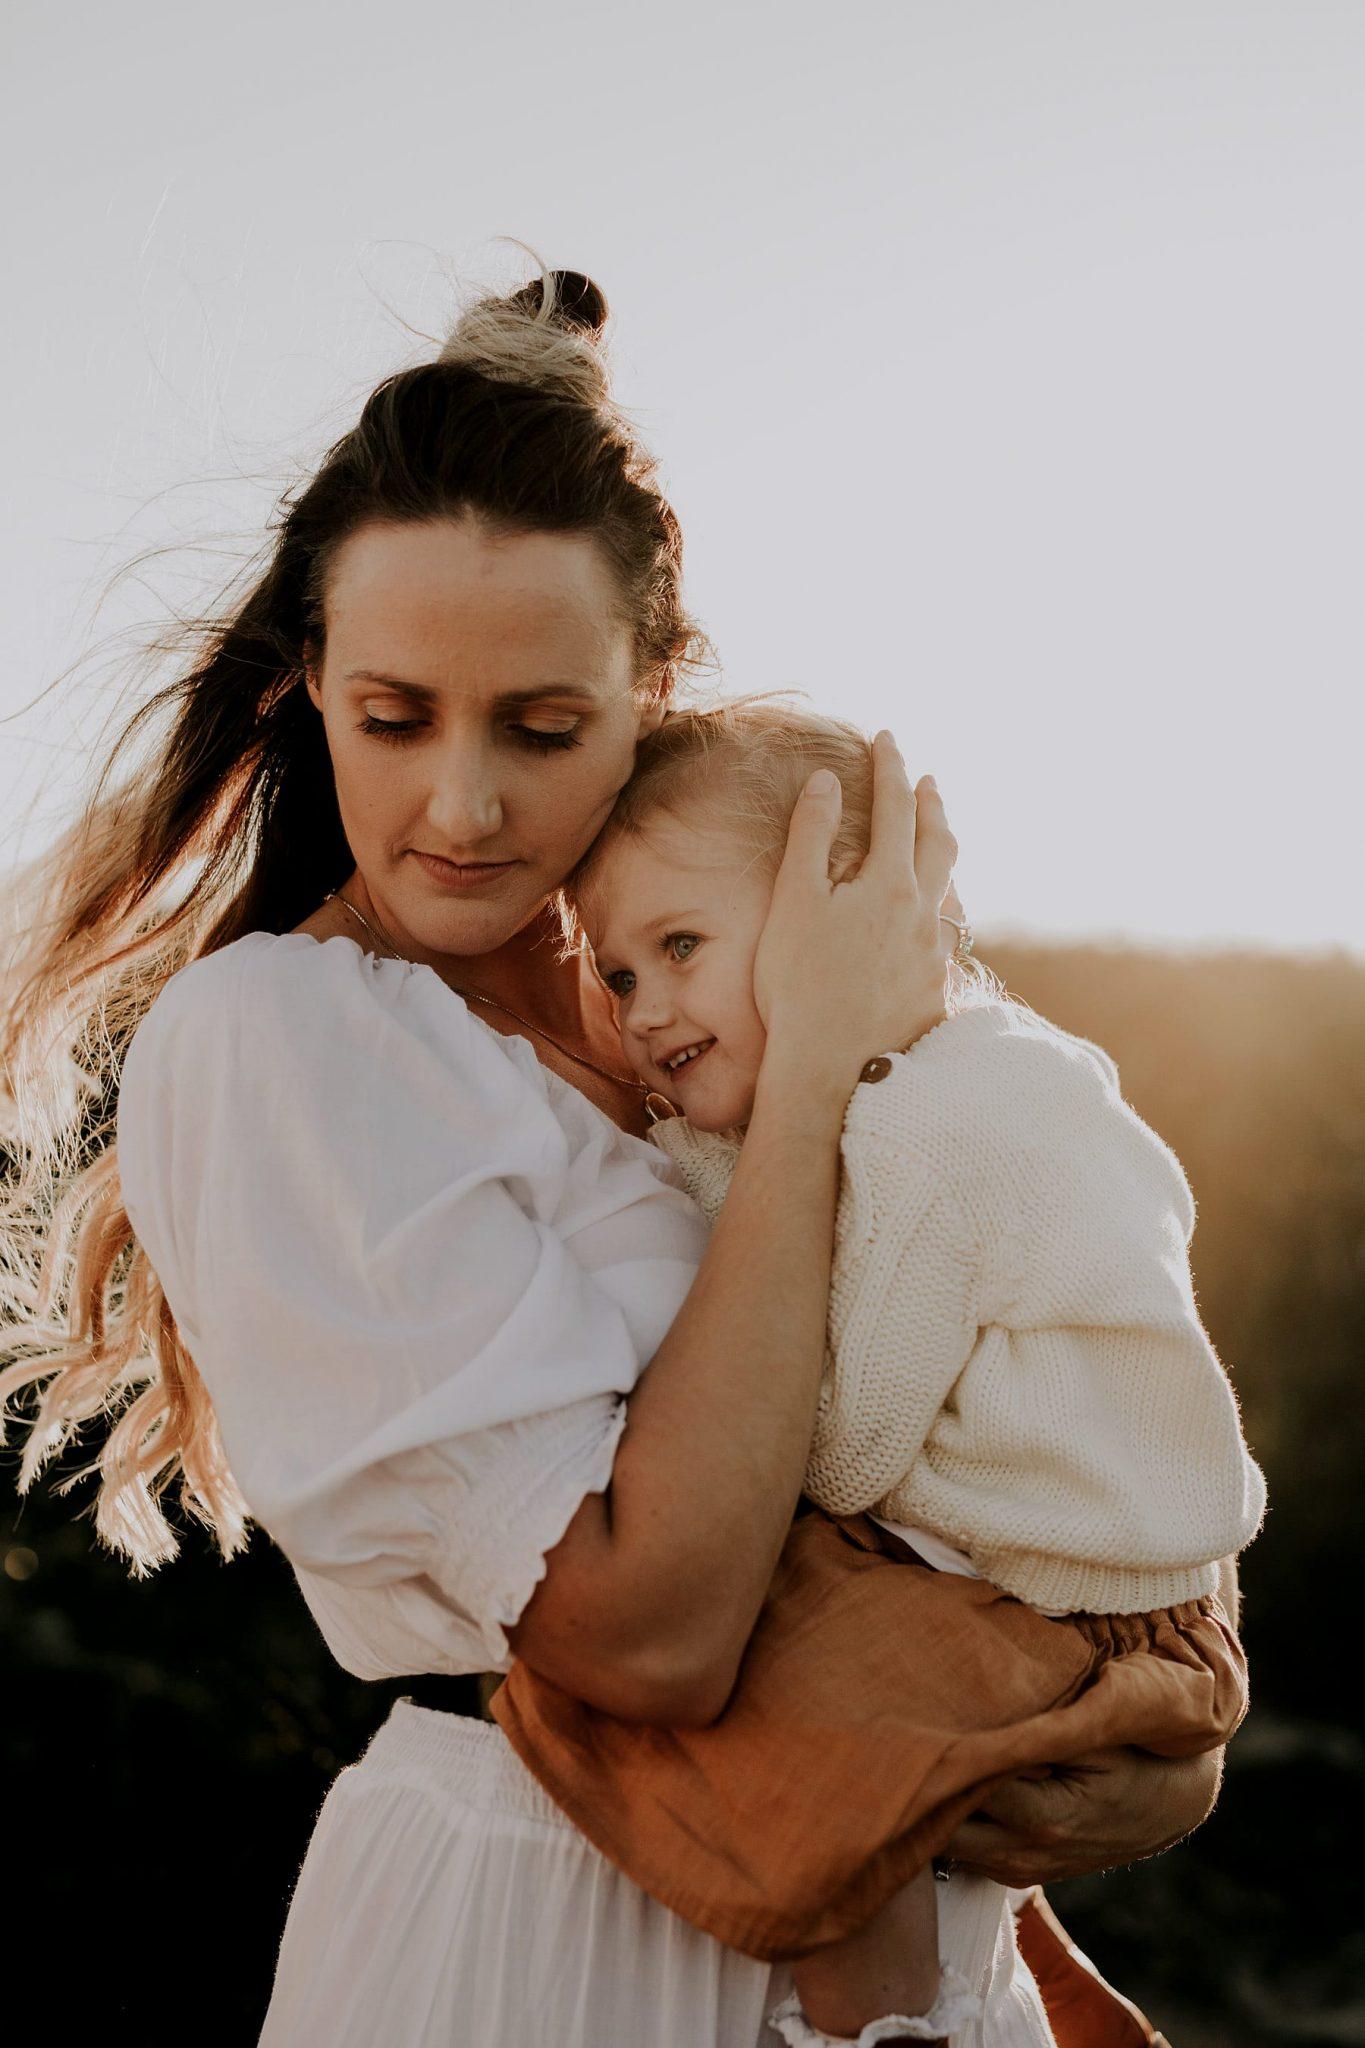 emmawandphotography-cronullaphotographer-sutherlandshirephotographer-family-kids-familyadventure-sydneydocumentaryphotographer-sydneylifestylephotographer0037